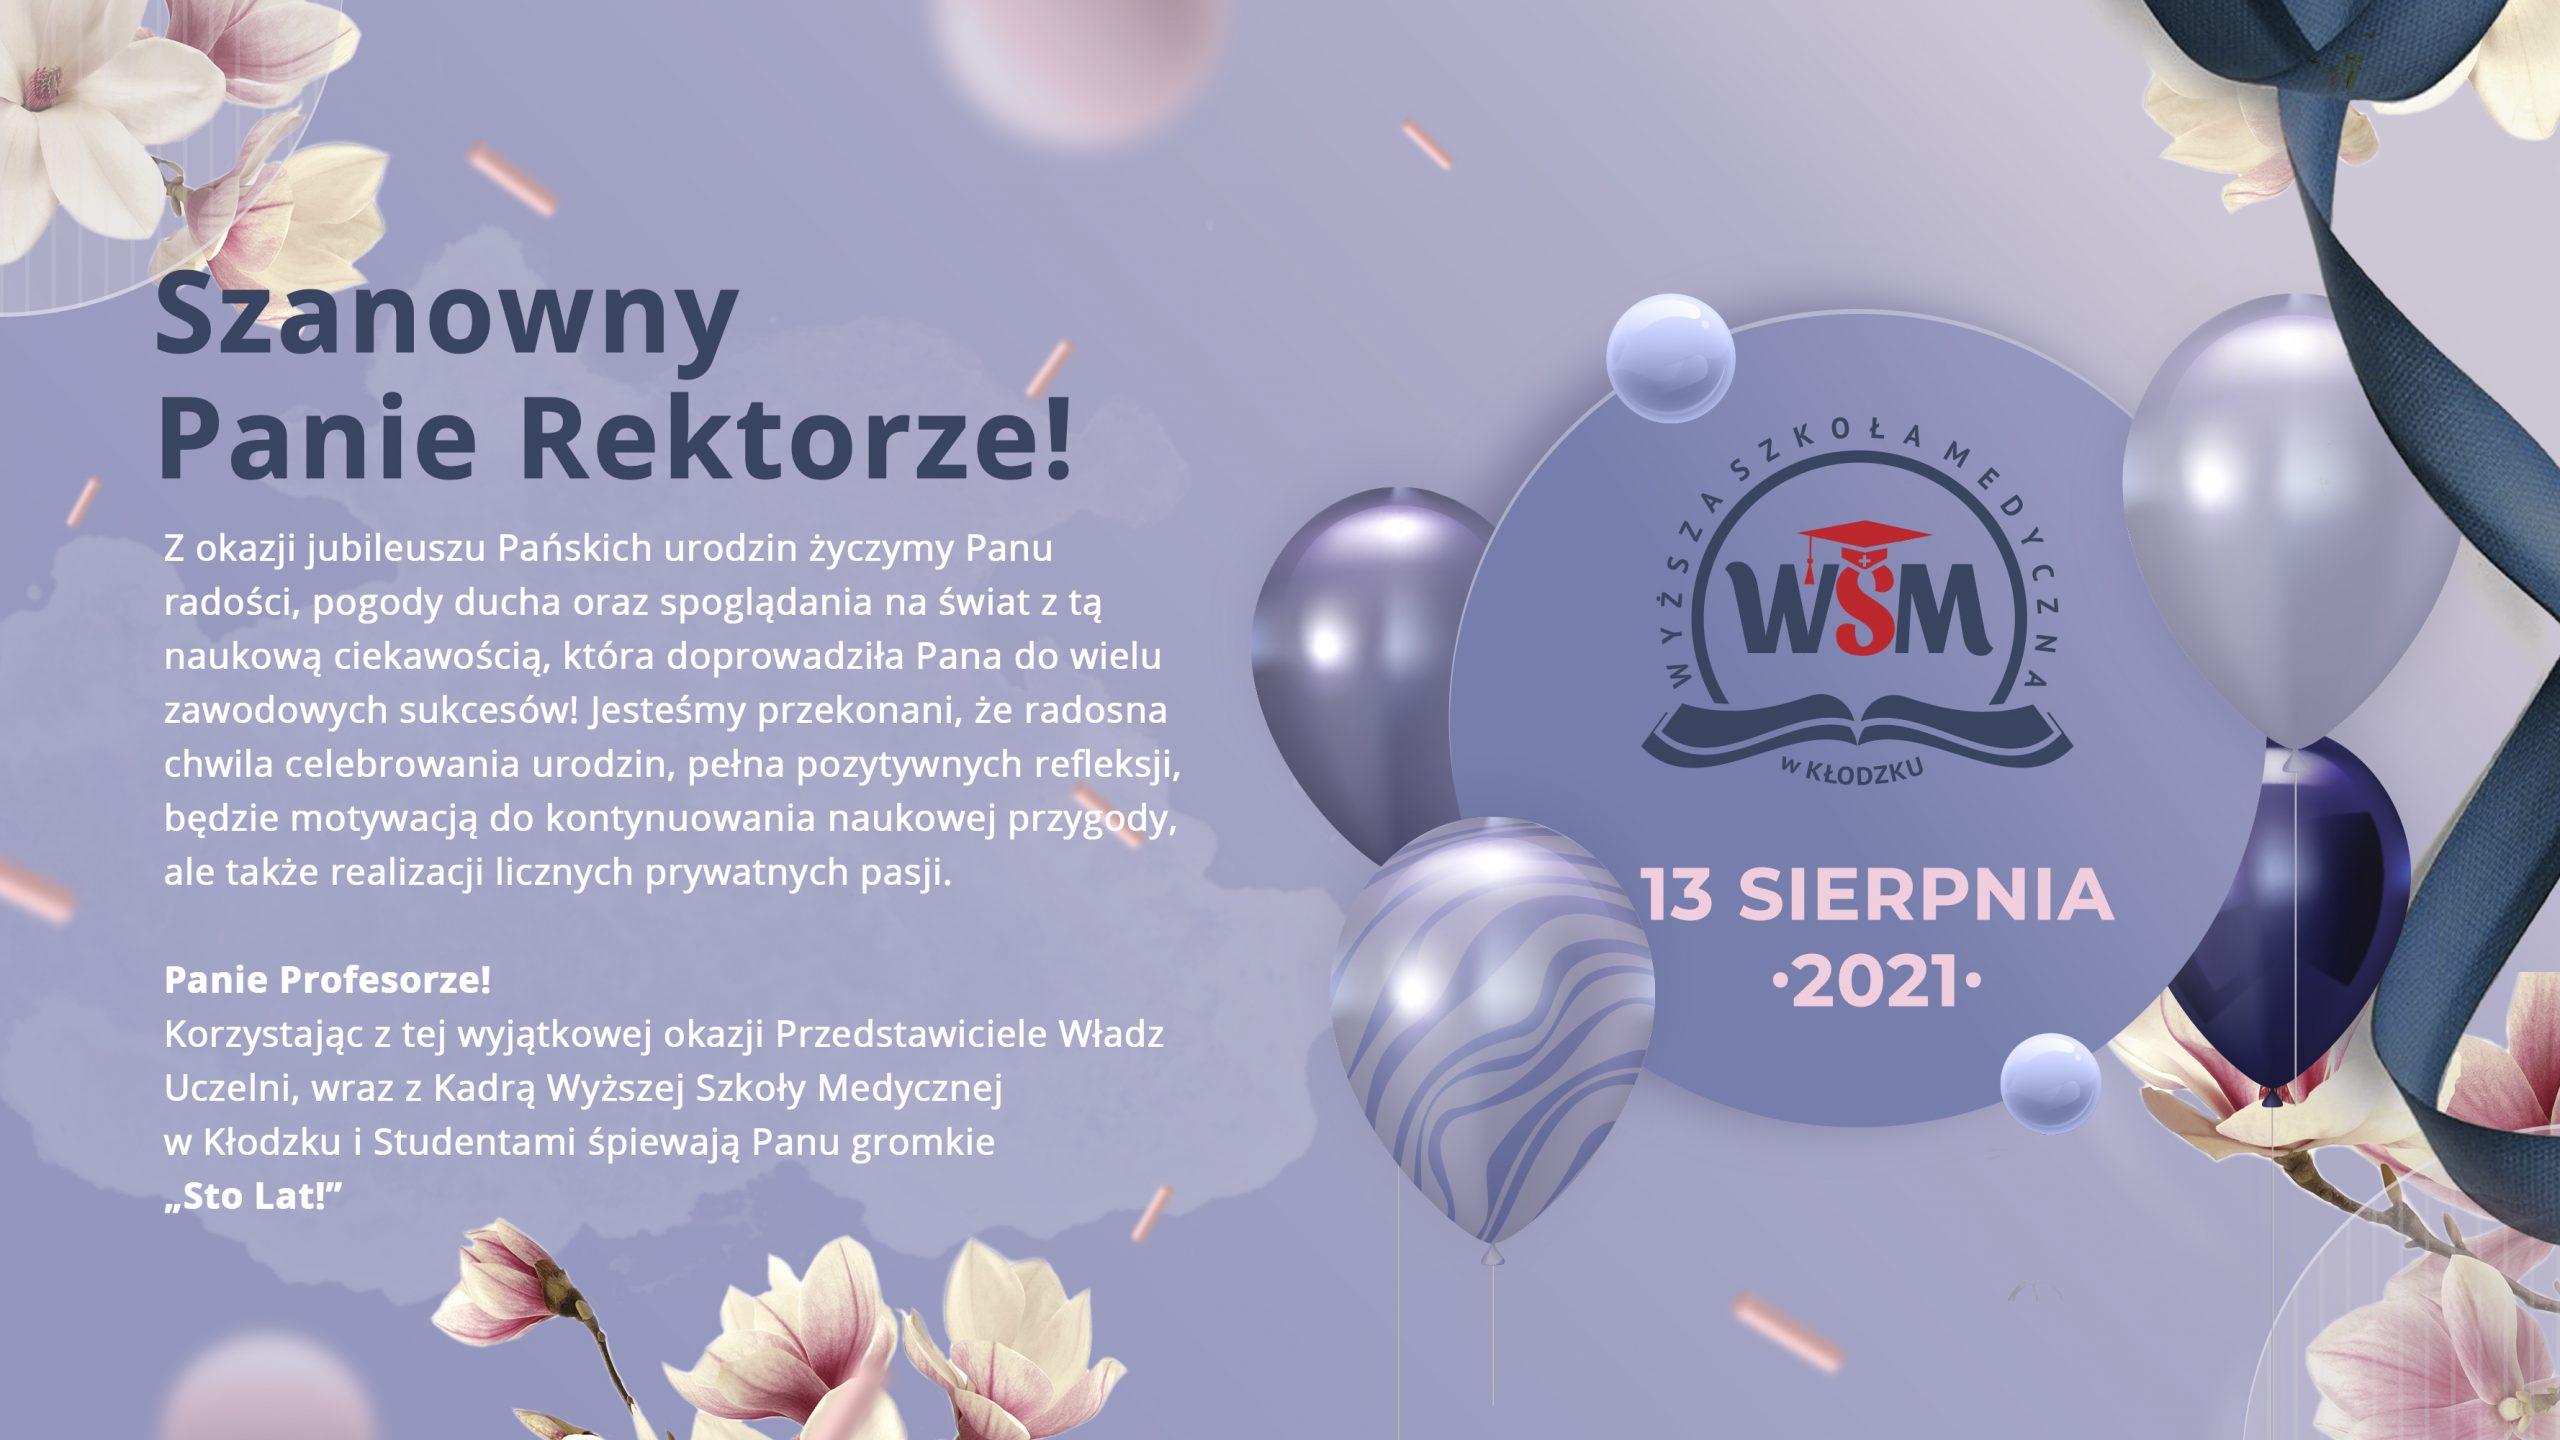 Urodziny byłego Rektora Wyższej Szkoły Medycznej w Kłodzku prof. dr. hab. Andrzeja Dżugaja.